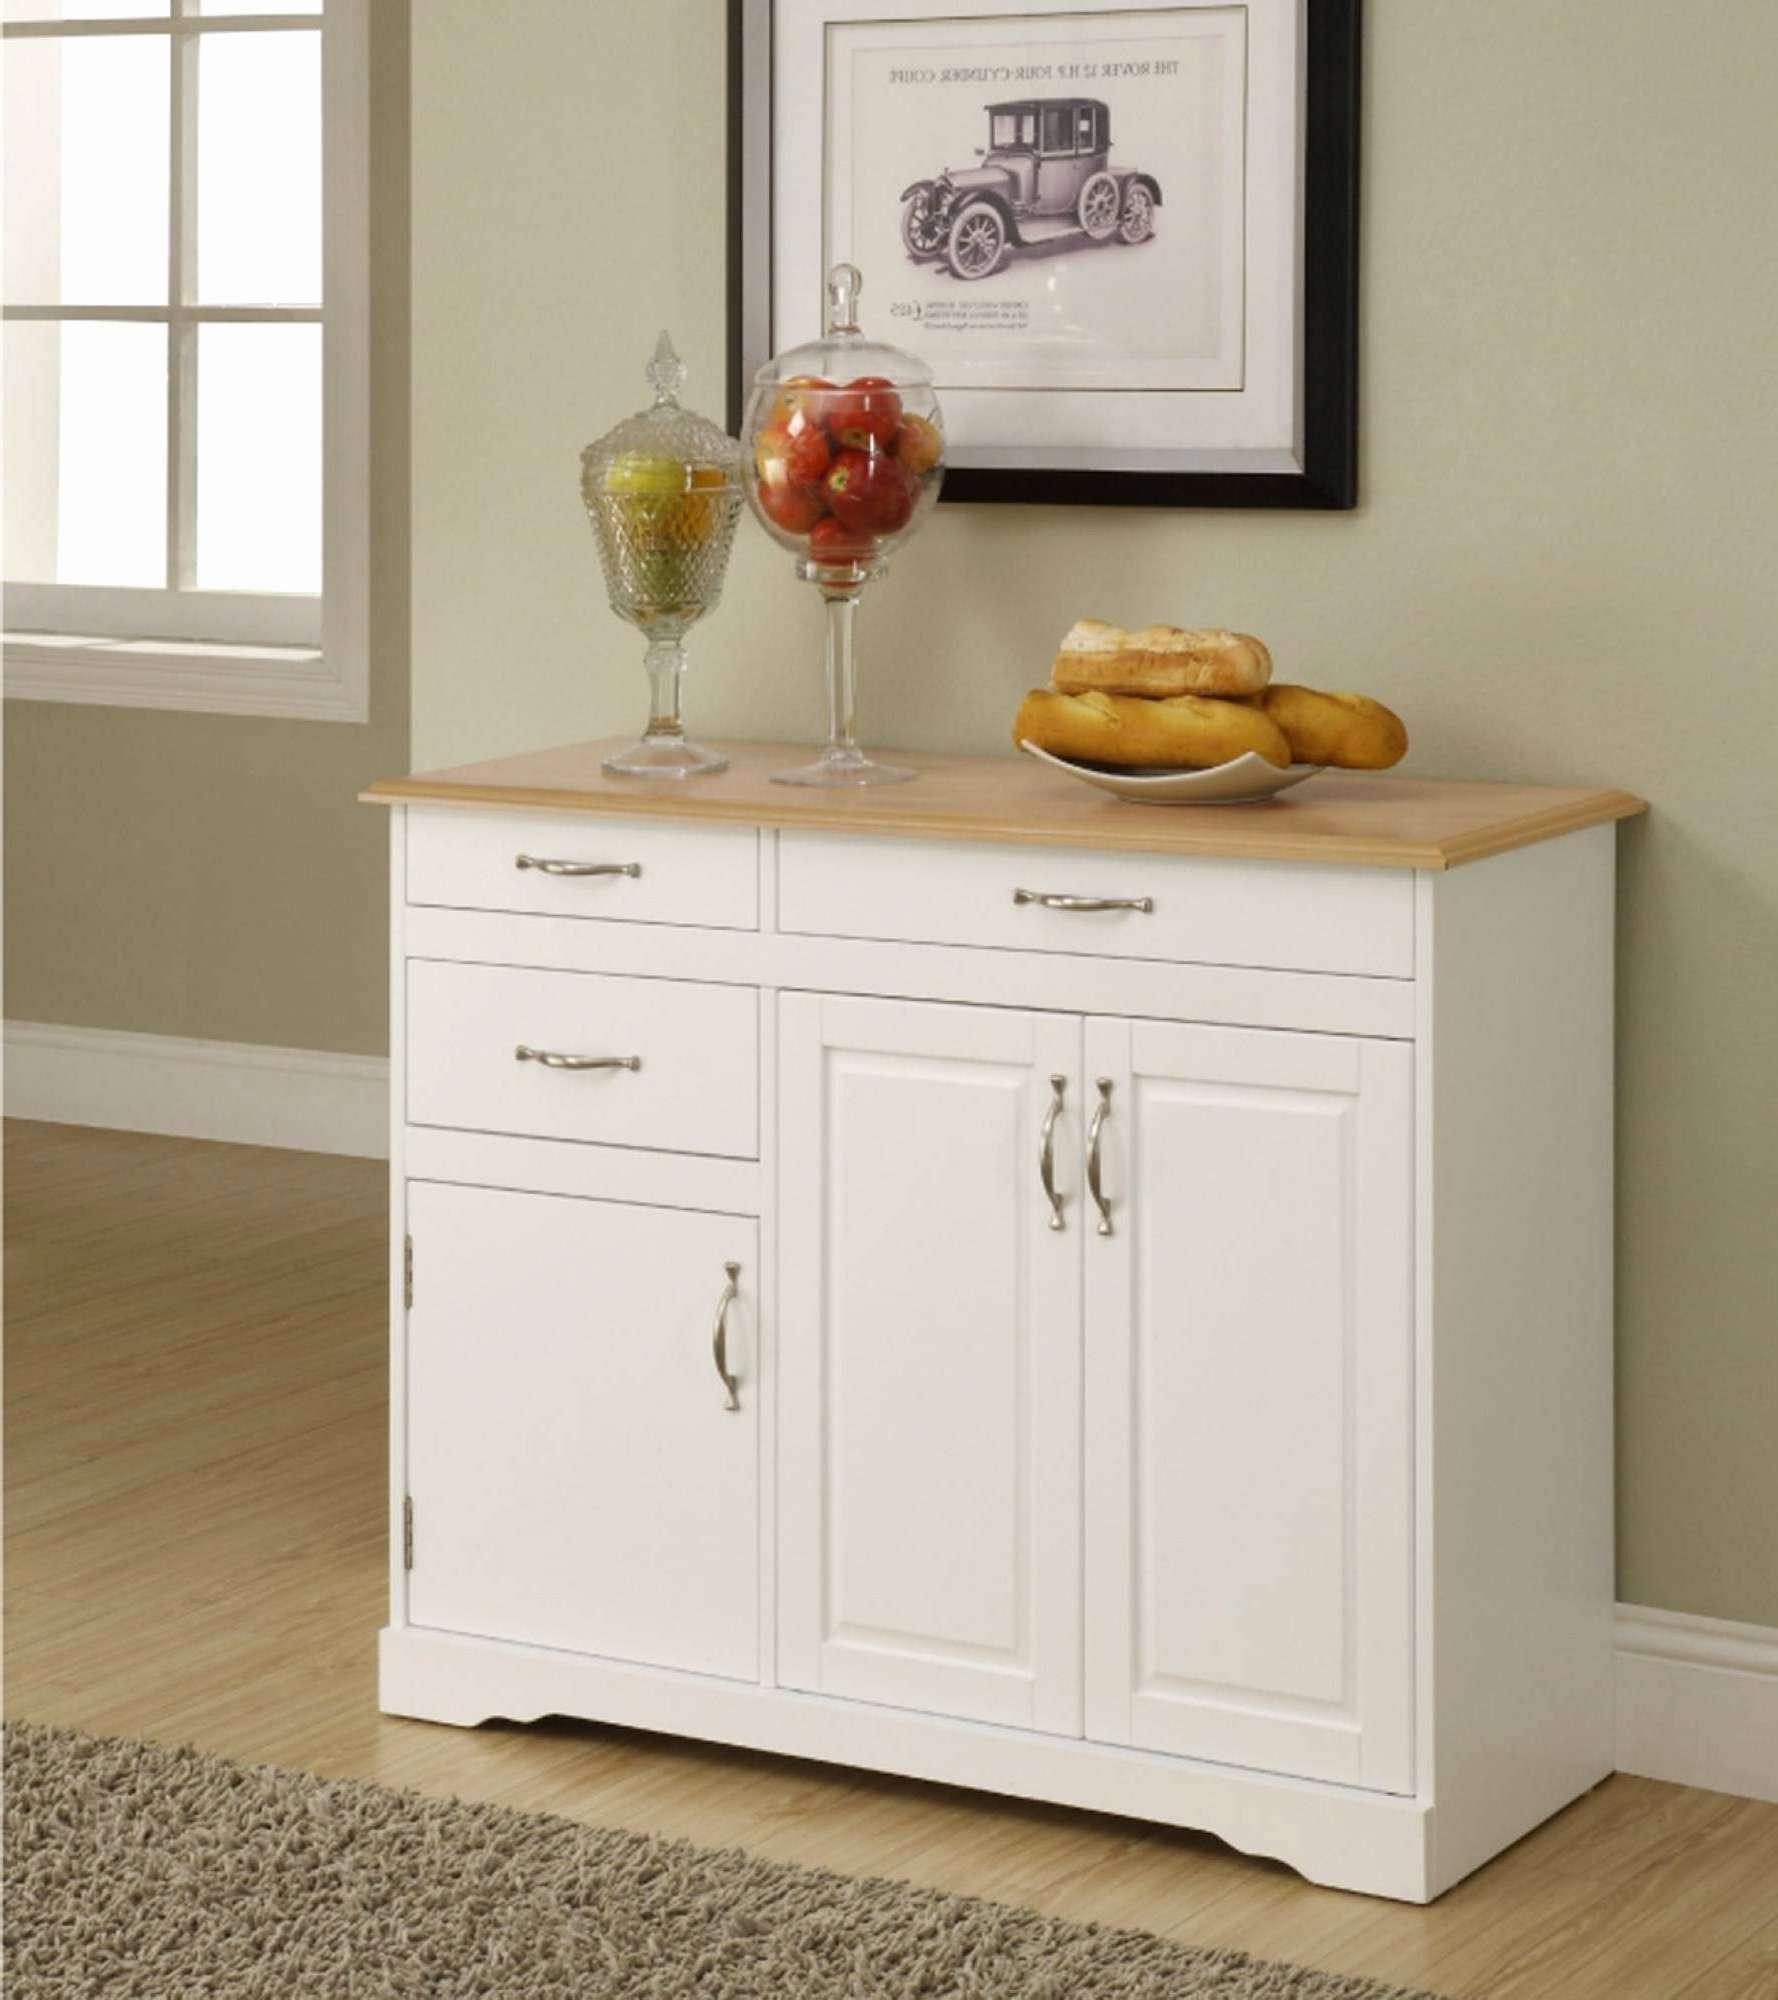 Kitchen Sideboard Ideas Elegant 15 Ideas Of White Kitchen Intended For Elegant Sideboards (View 17 of 20)